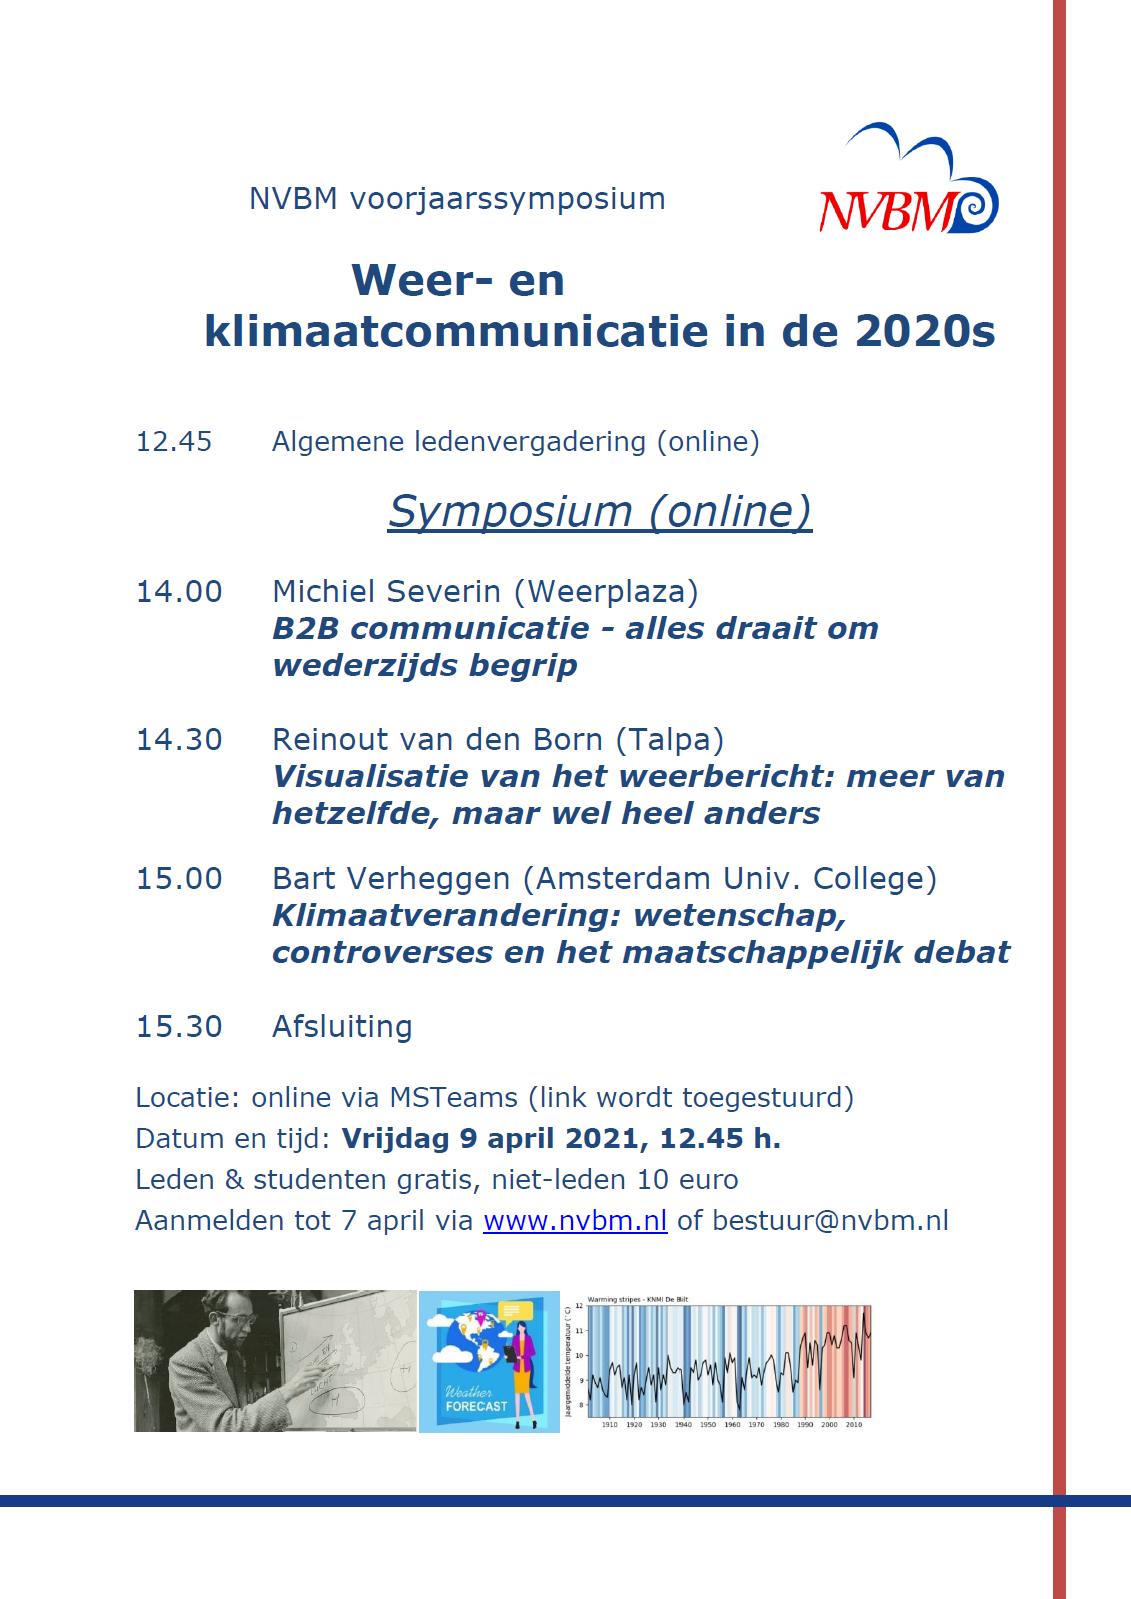 NVBM voorjaarssymposium 2021